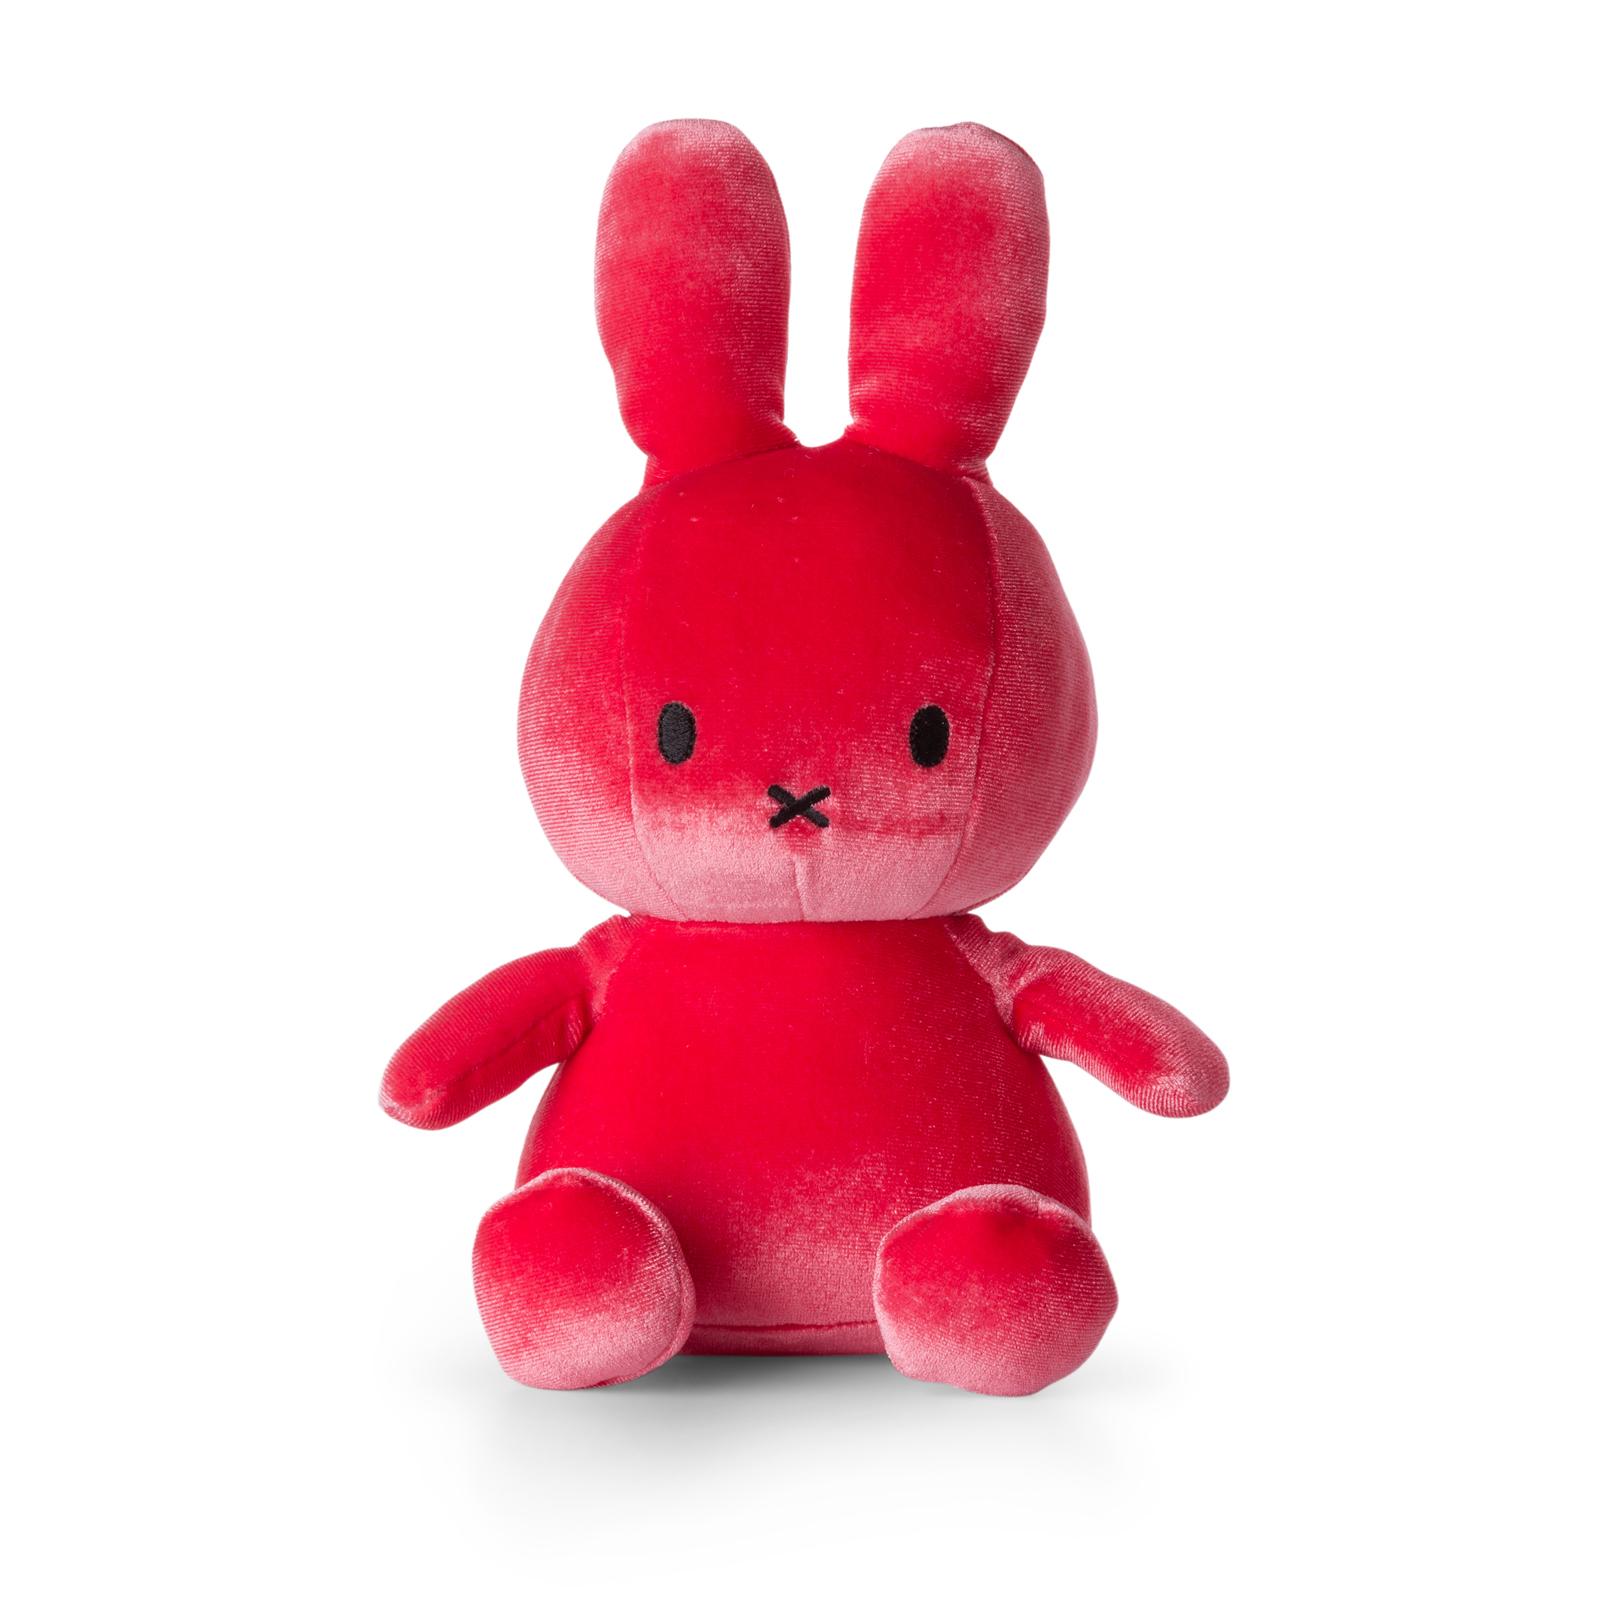 Plyšový zajačik cukríkovoružový zamat - Miffy (23 cm)